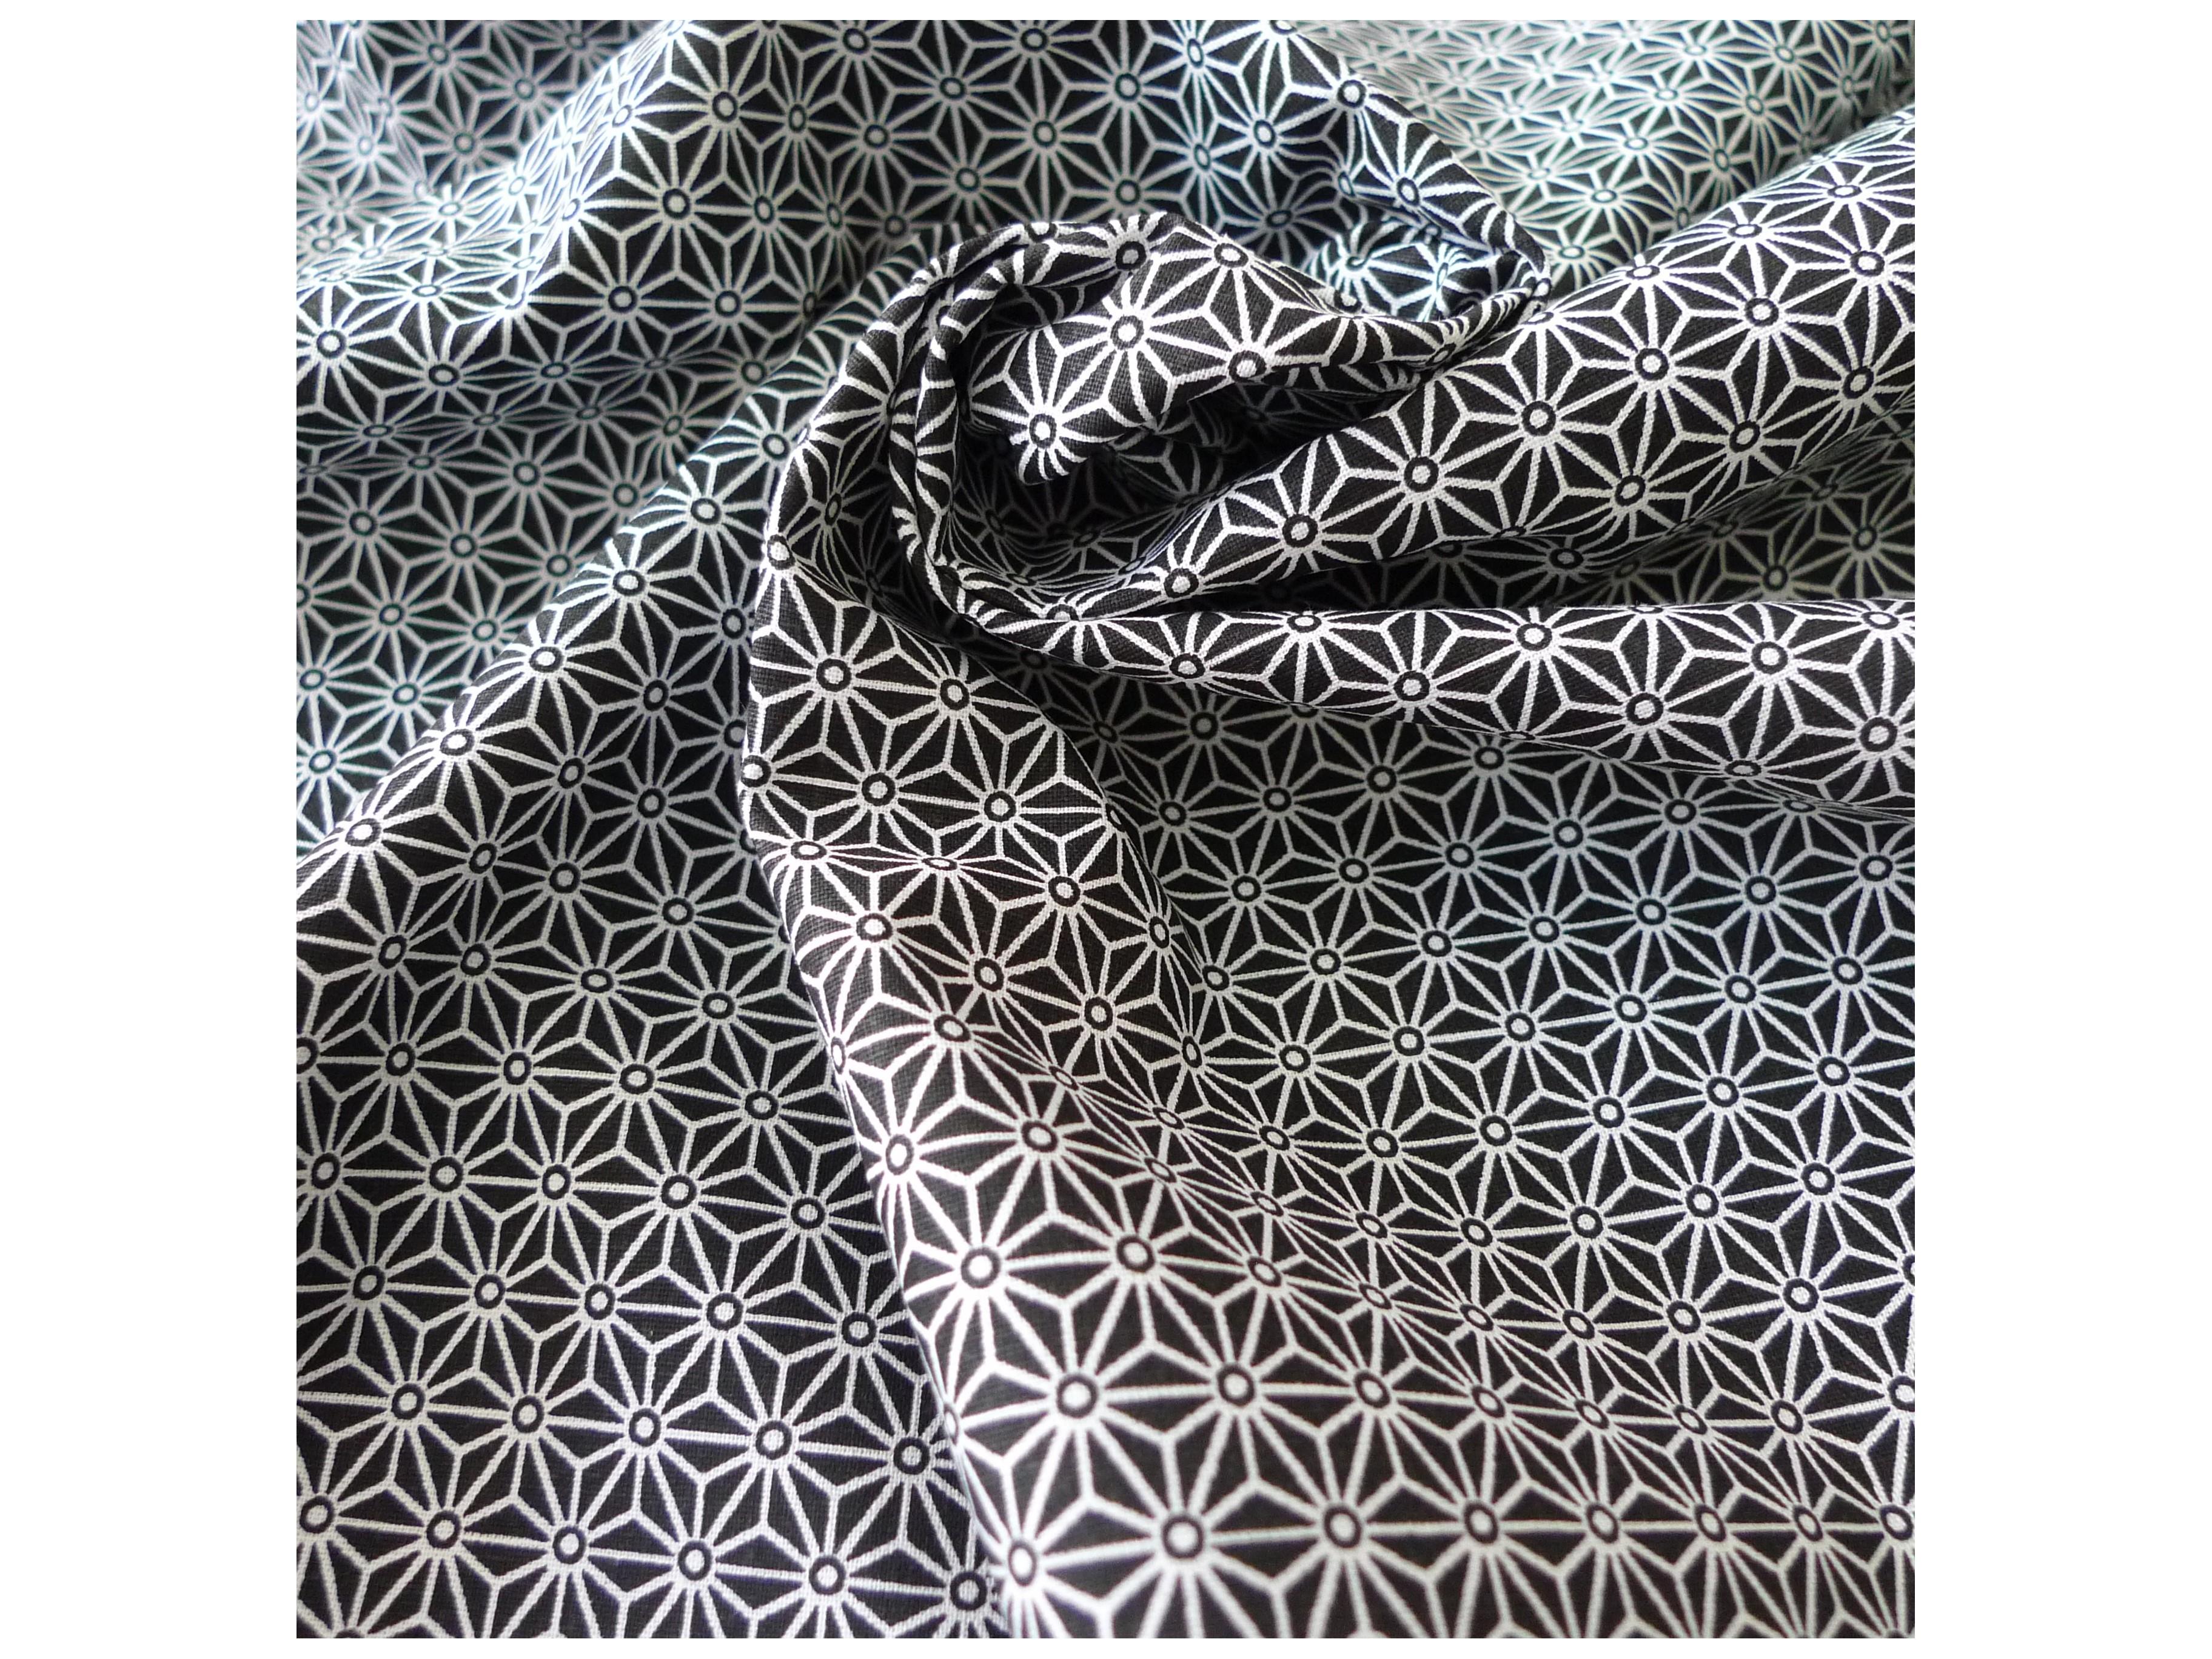 6 Blanc Avec Noir patte motif tissu boutons recouverts 20 mm